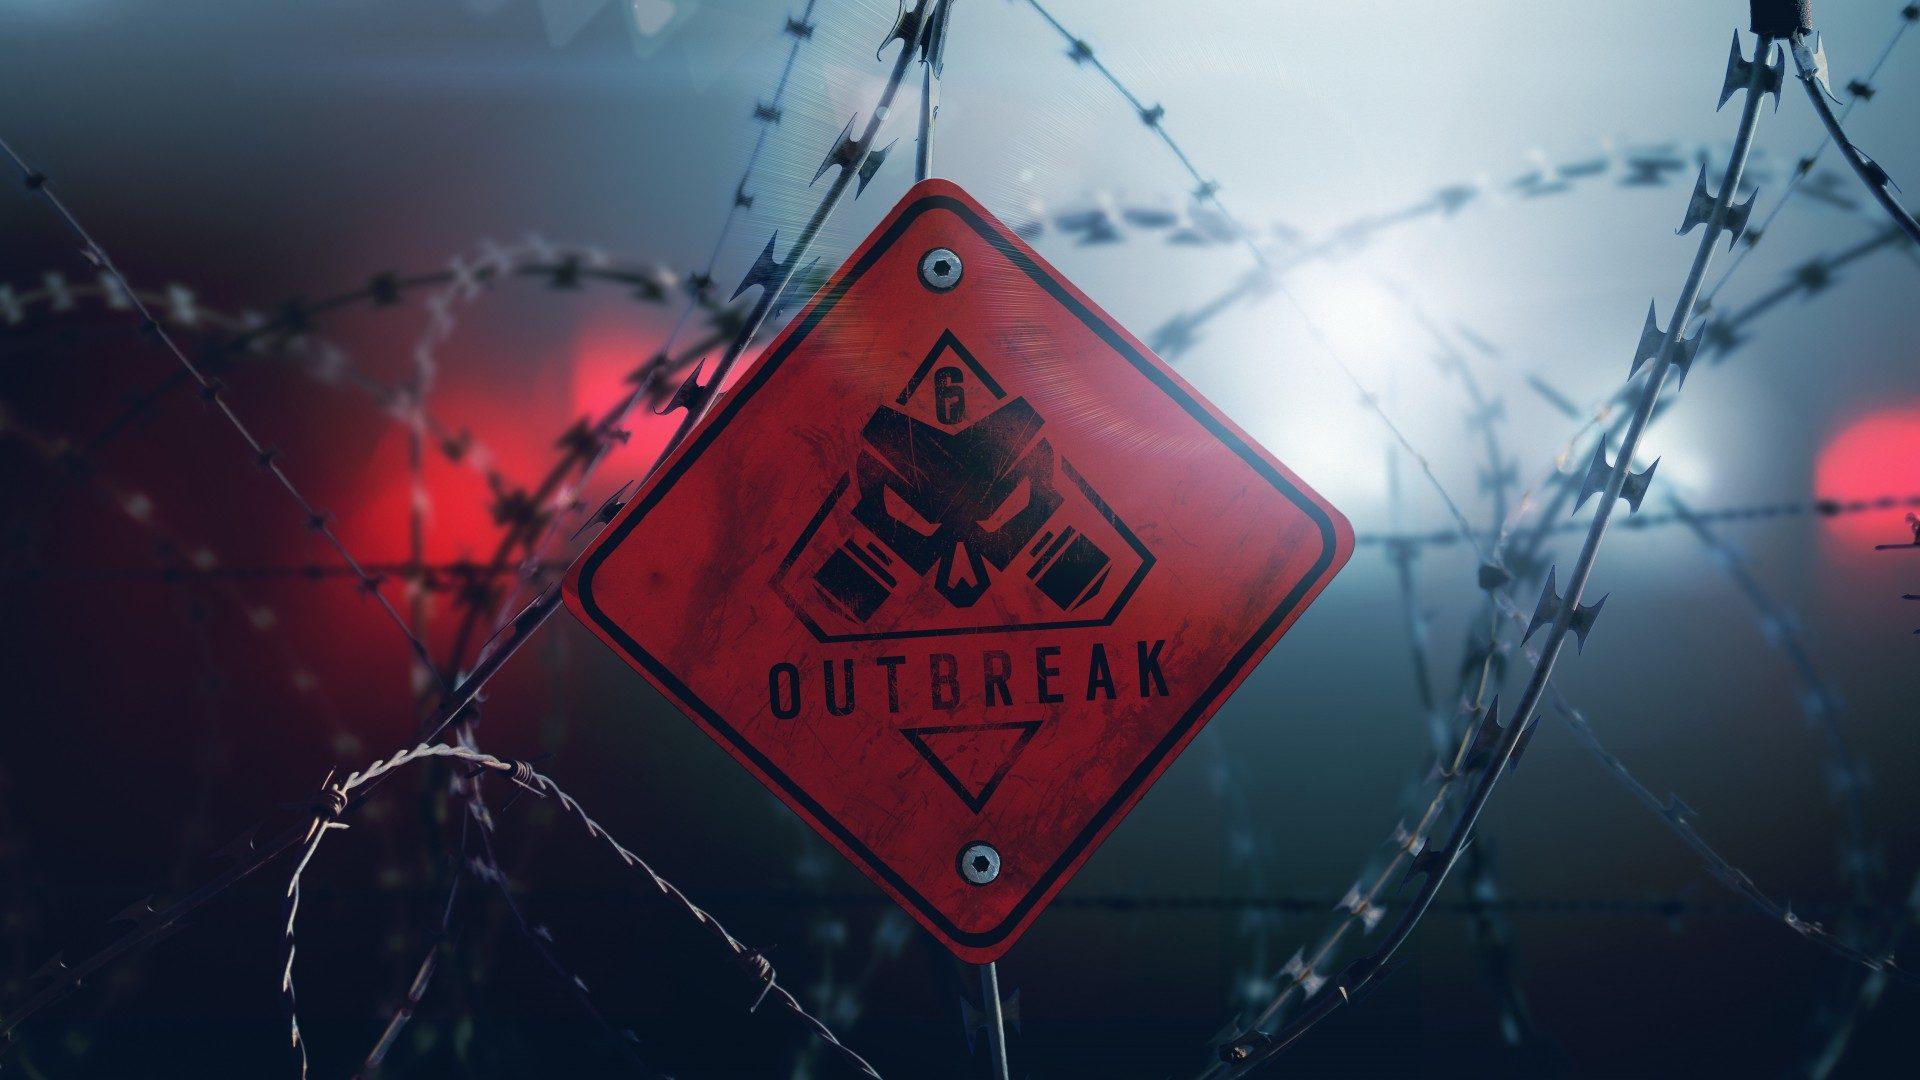 В Rainbow Six Siege началось событие Outbreak. Добавлены два оперативника Operation Chimera